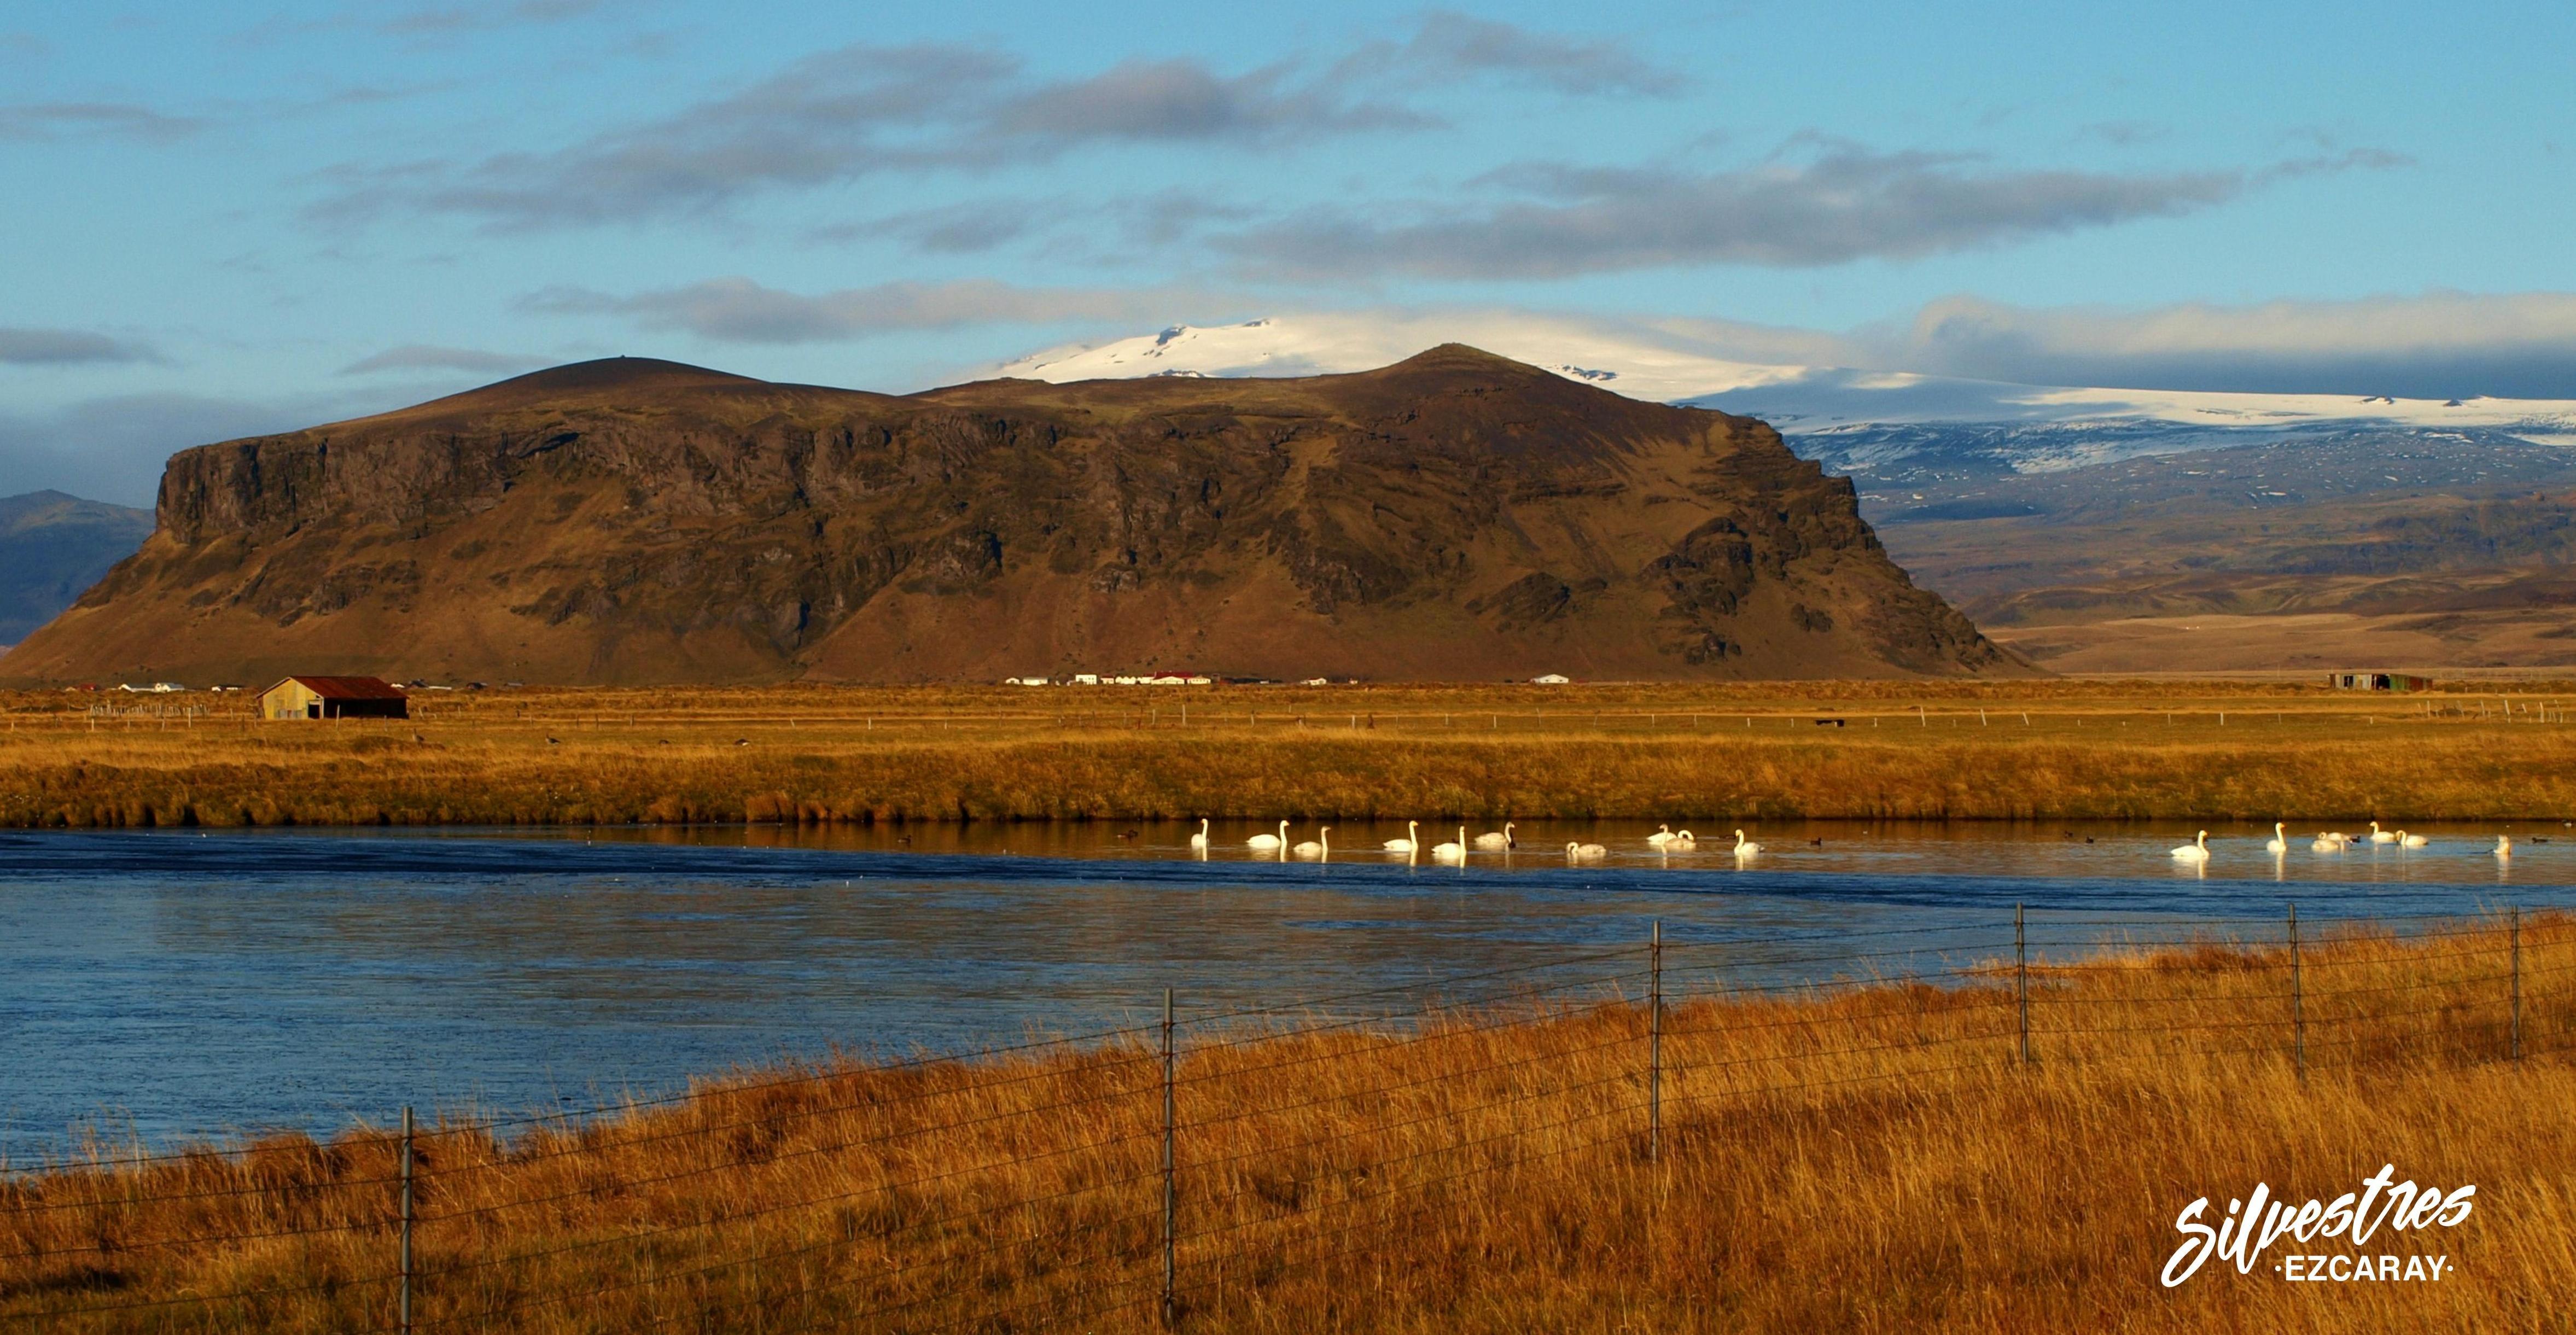 glaciares_volcanes_islandia_iceland_observacion_aves